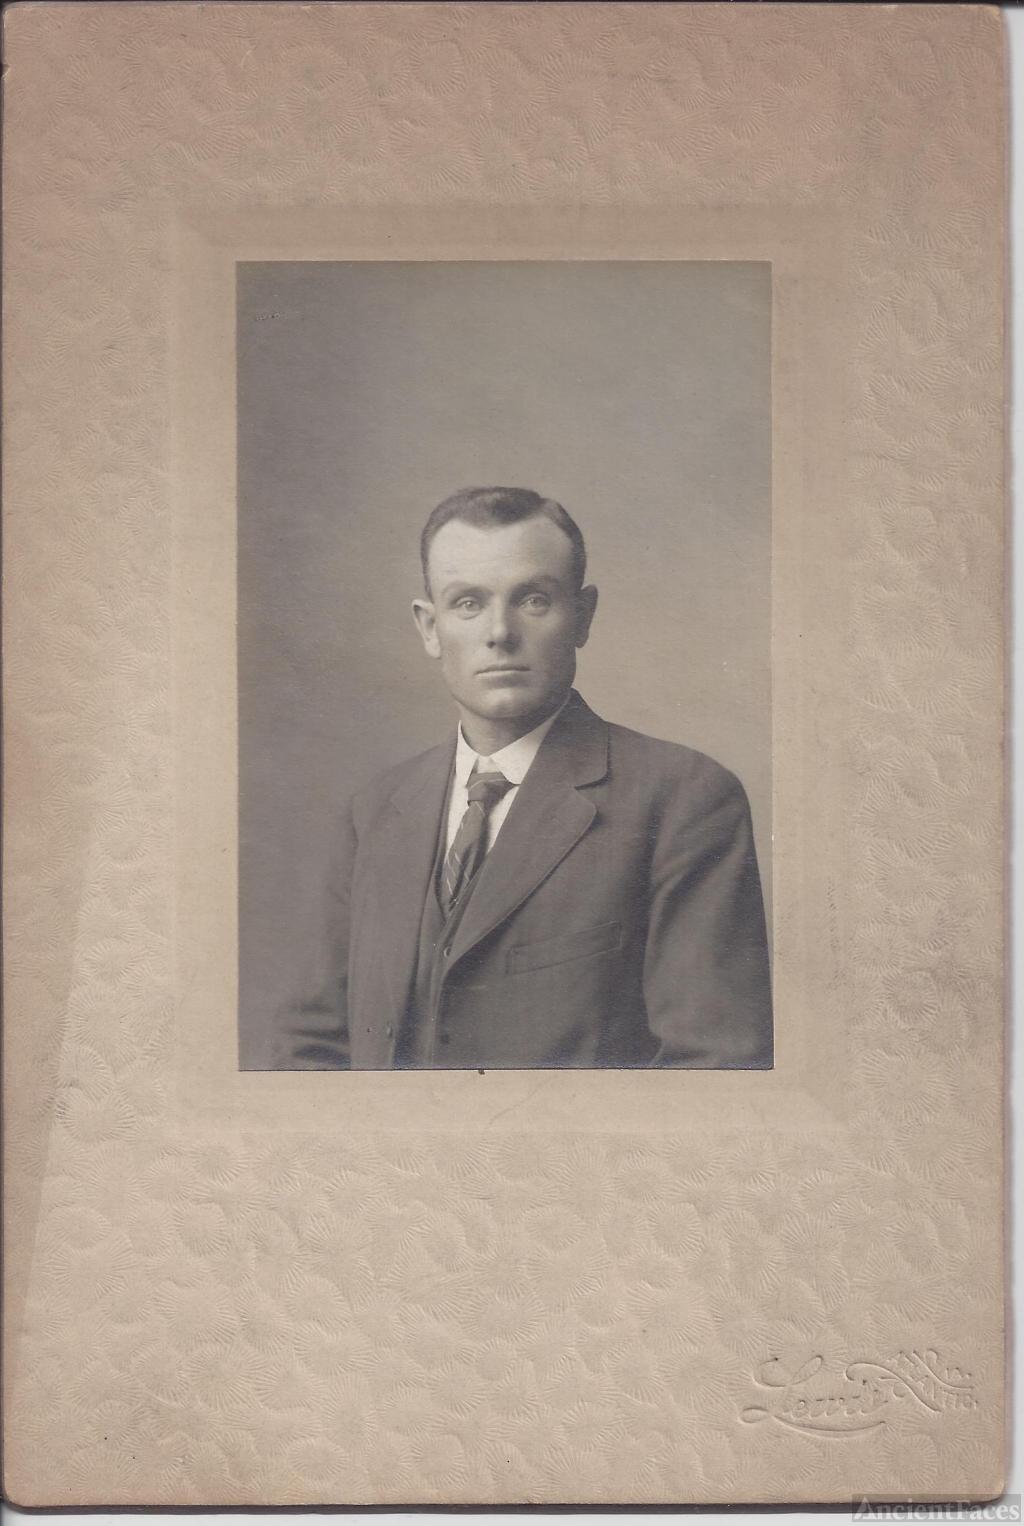 Walter Walivin Chamberlain